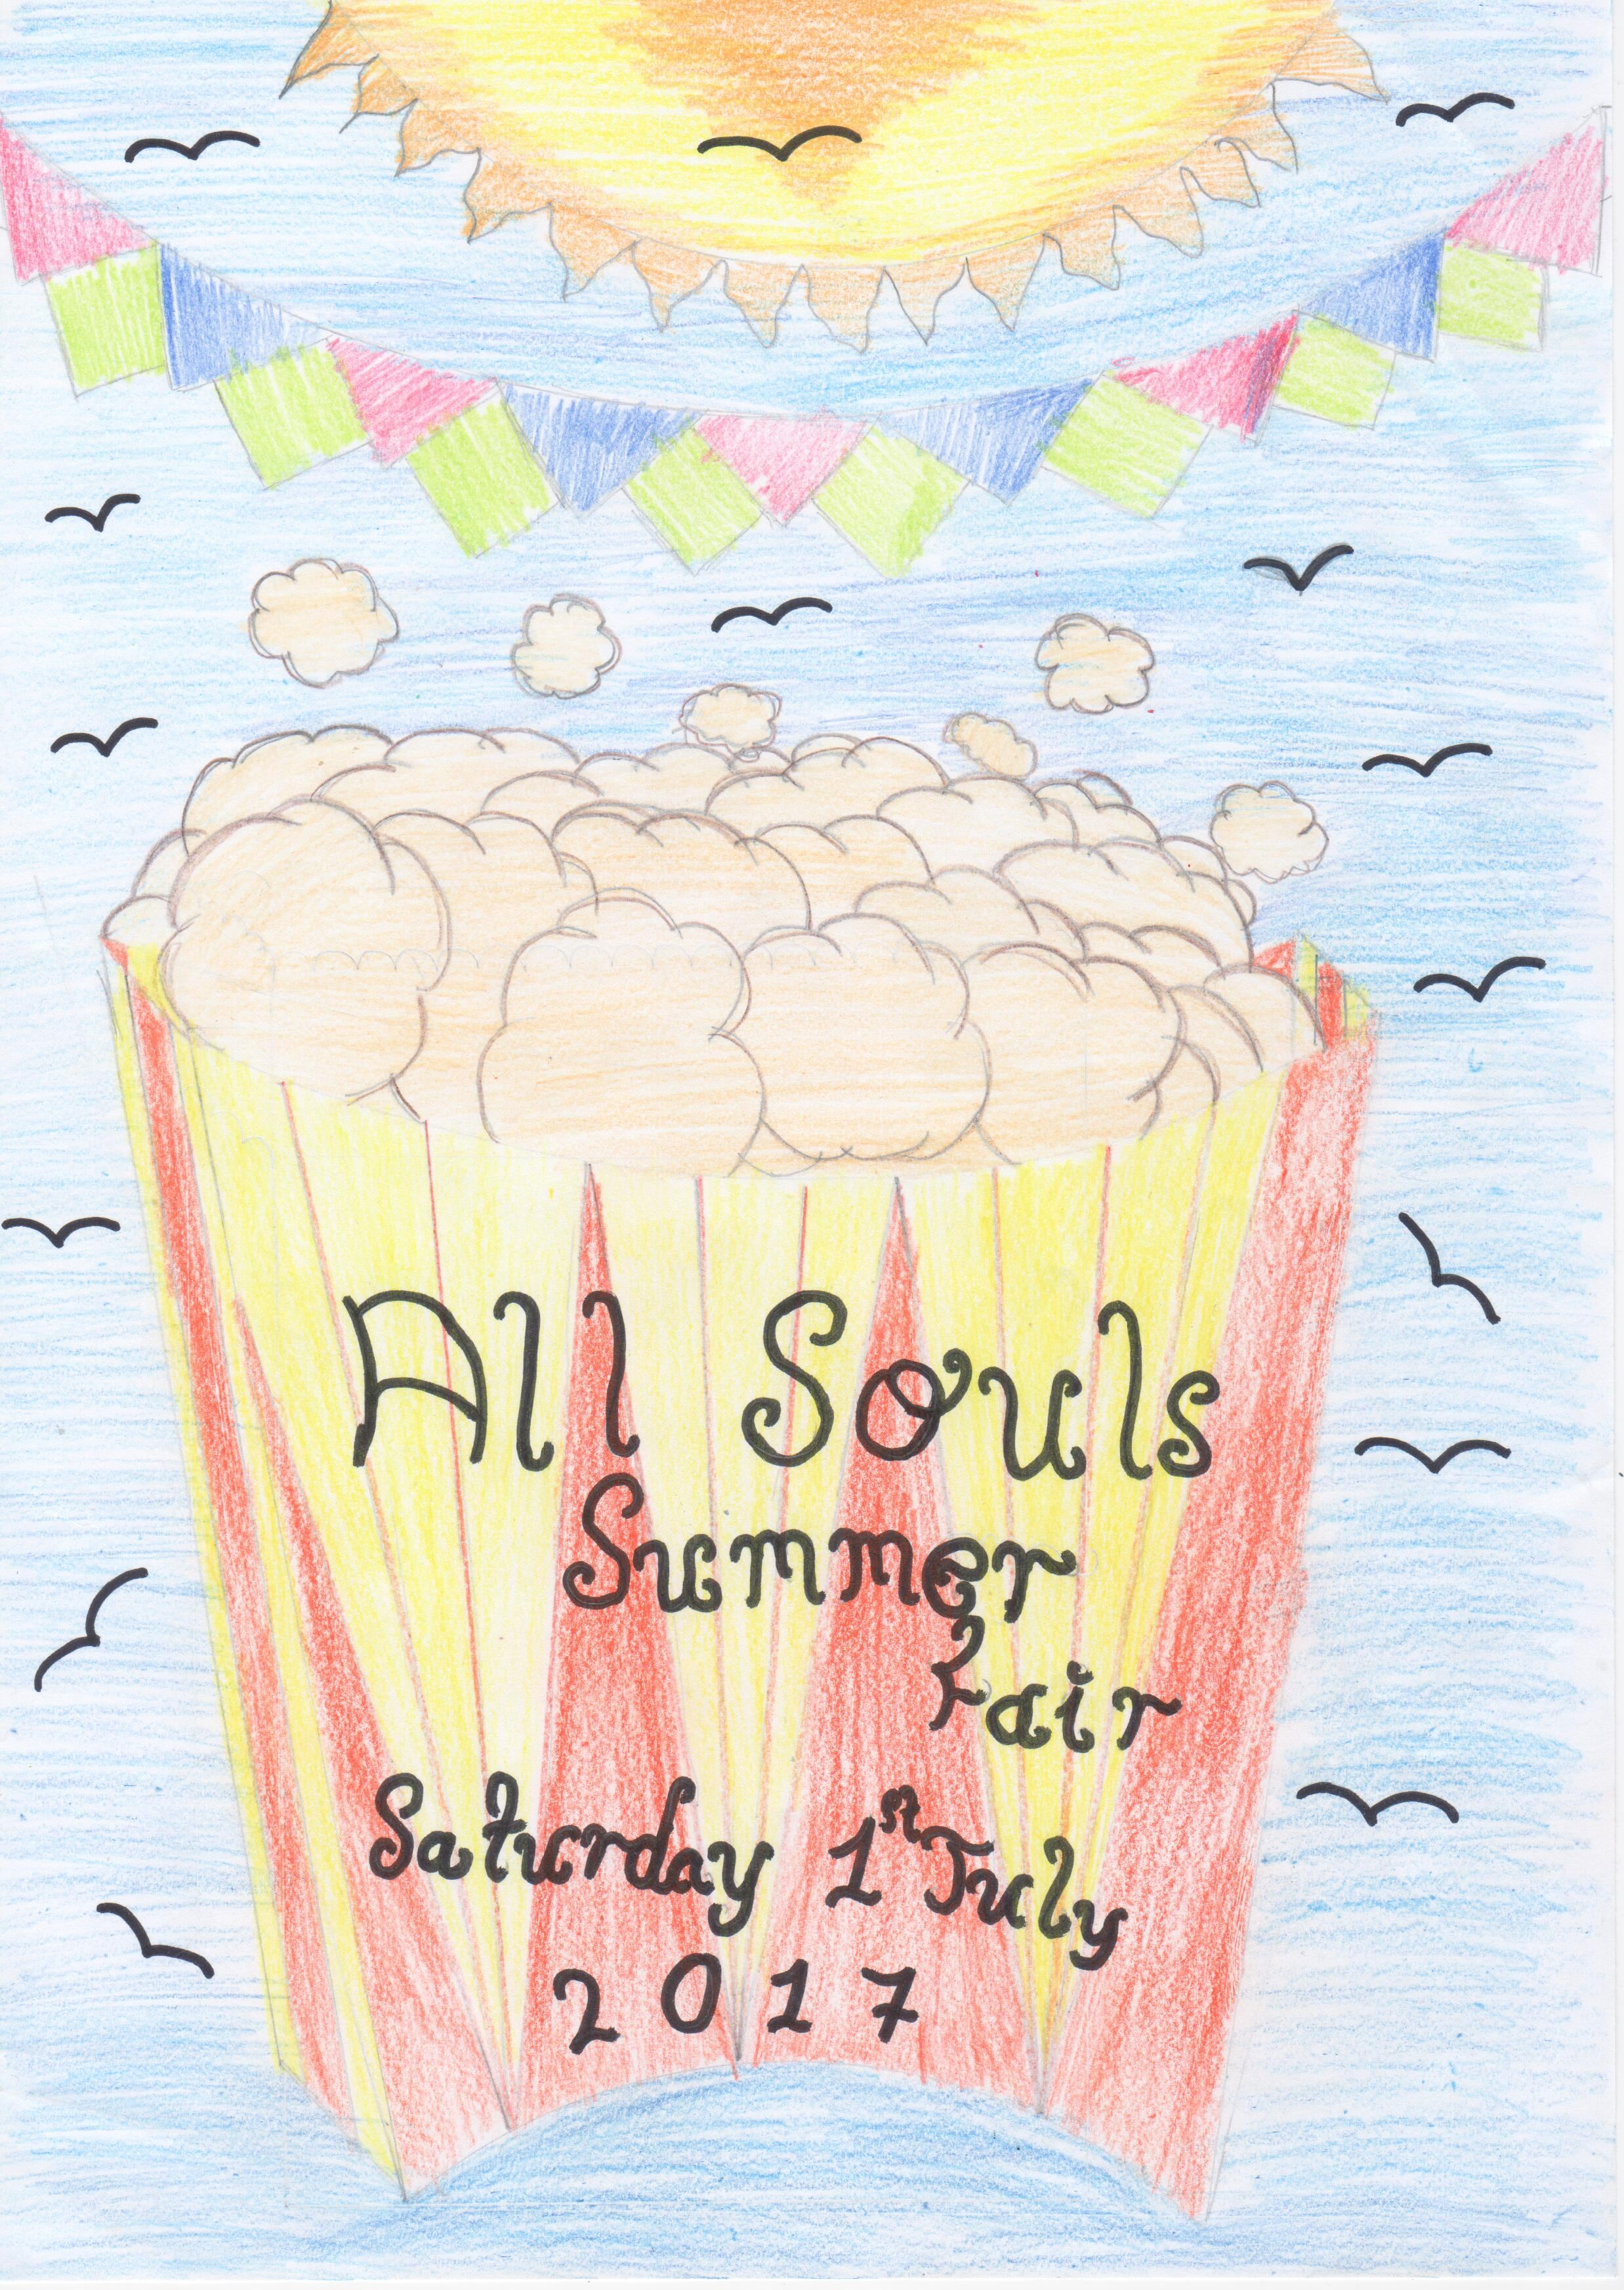 Summer fair poster.